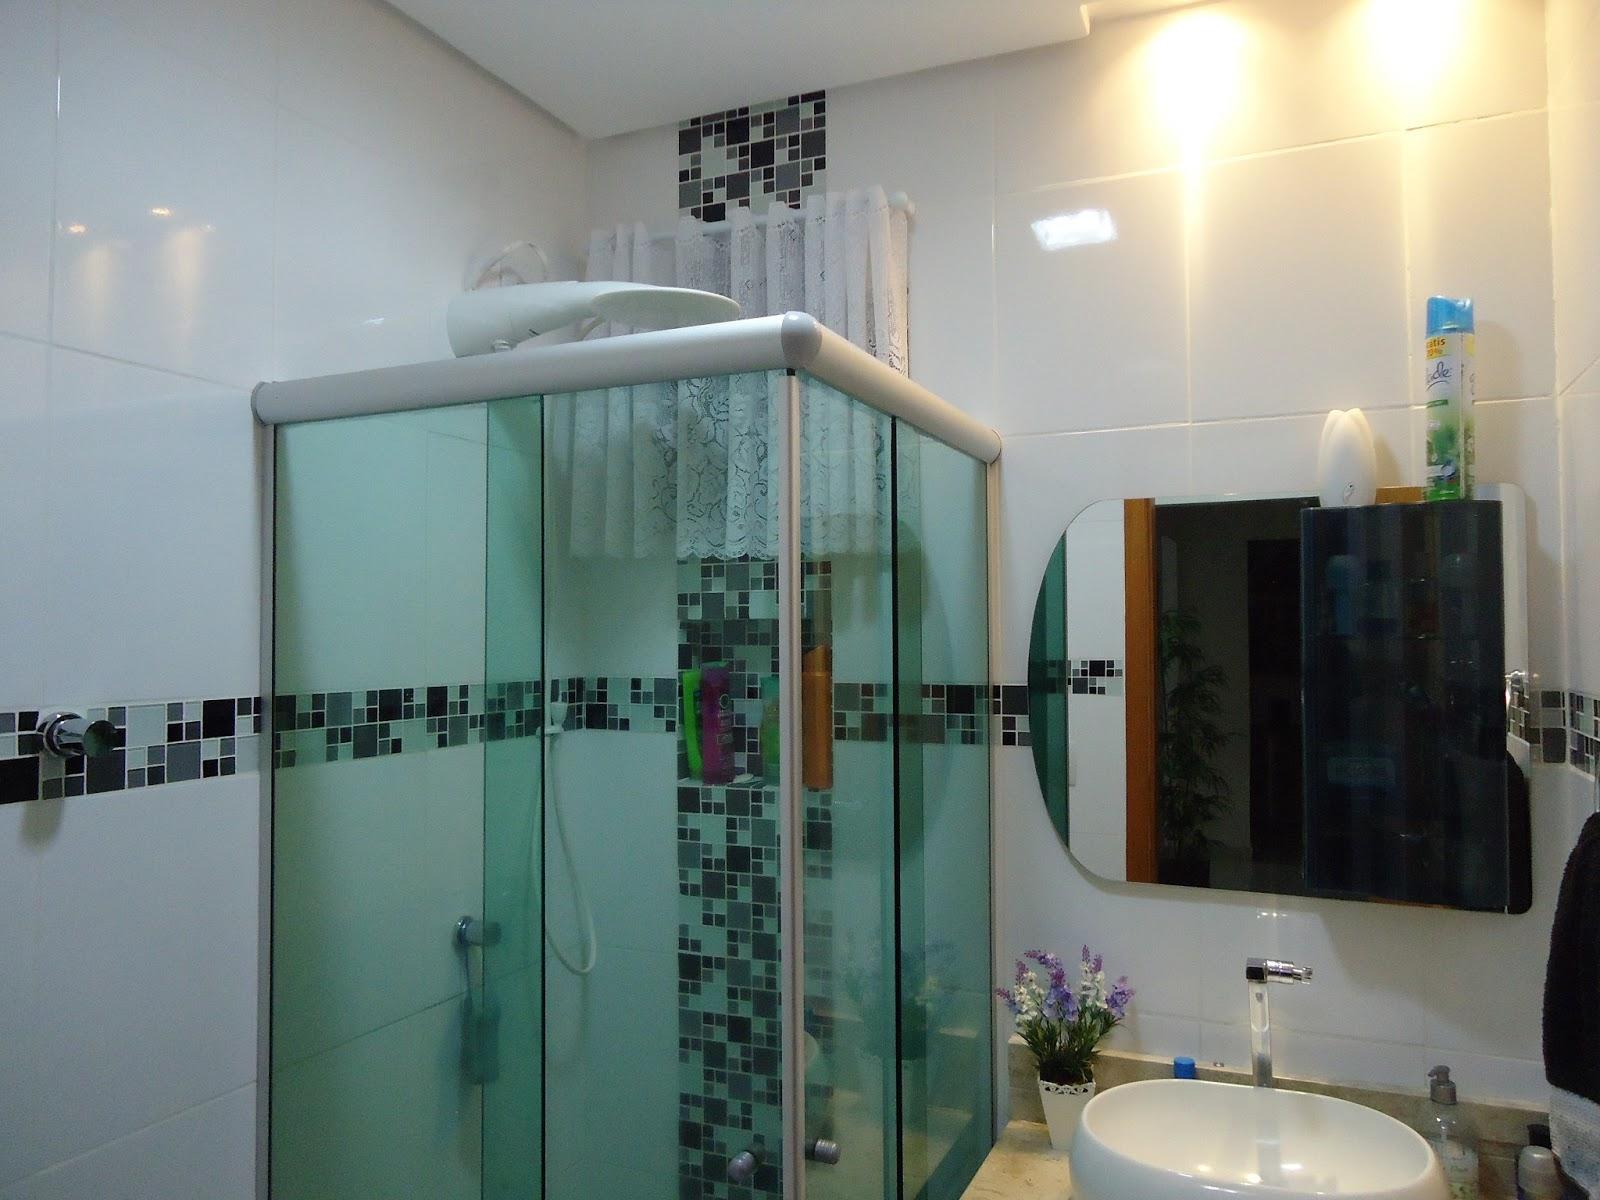 Realizando a Reforma: O Antes e o depois de um pequeno banheiro  #846E47 1600x1200 Antes E Depois De Um Banheiro